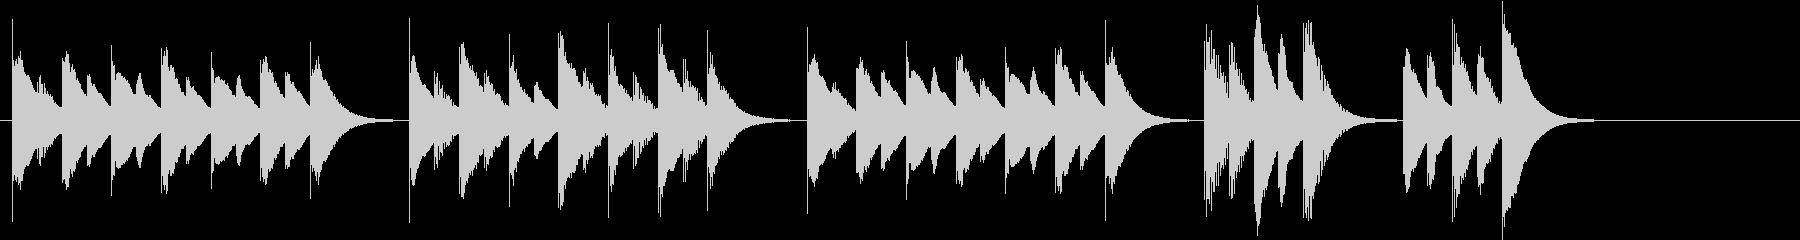 木琴で作った明るく軽快で短い曲の未再生の波形